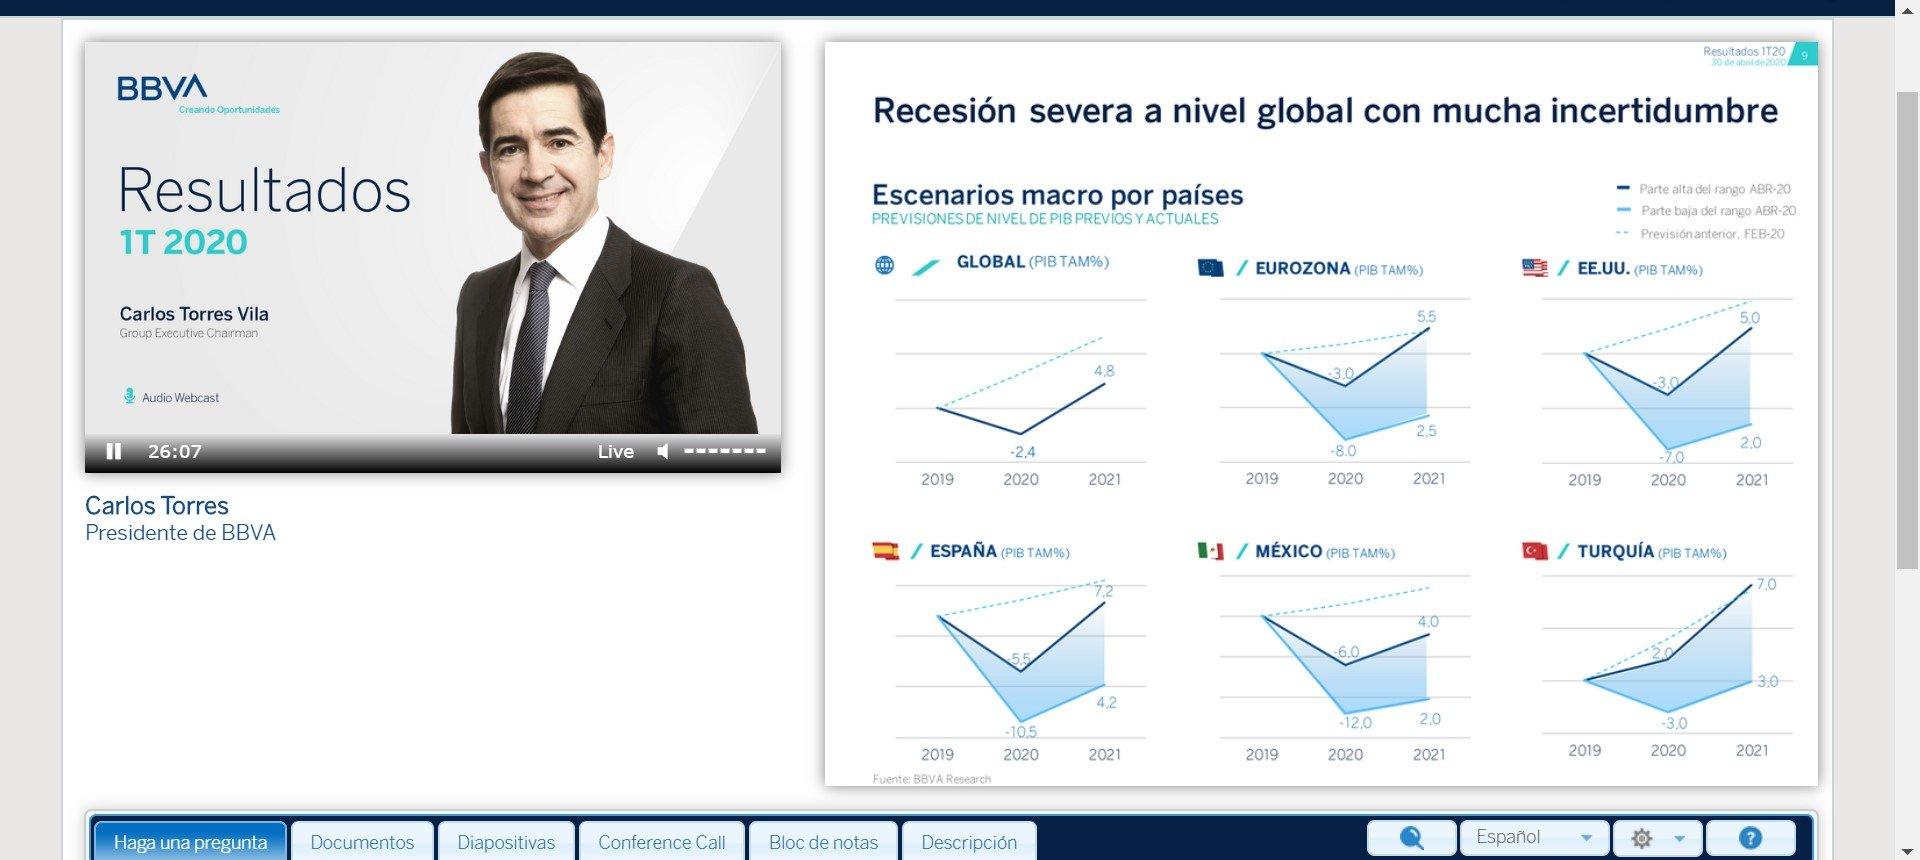 """El desastre del BBVA en EEUU. Los """"apuntes contables"""" de Carlos Torres no convencen al mercado y el banco se desploma en bolsa"""